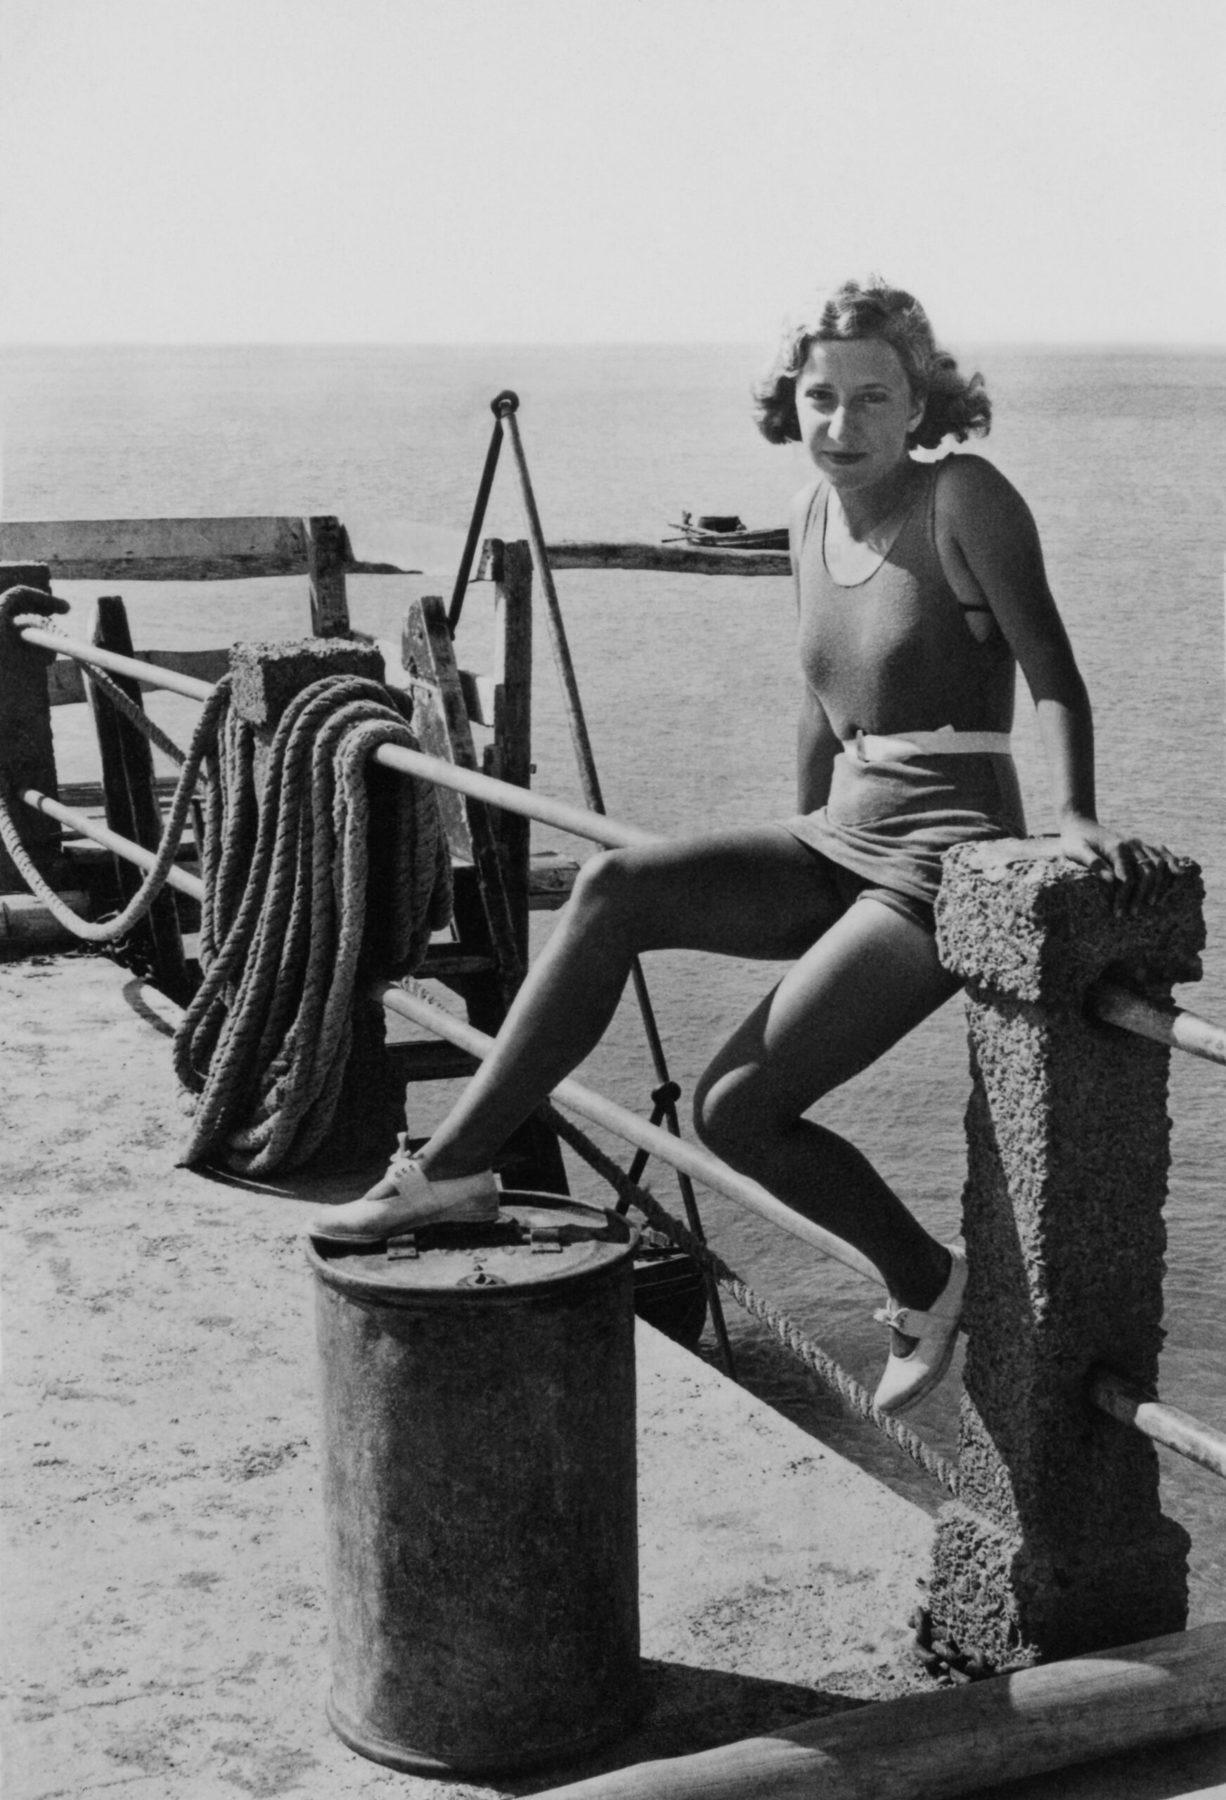 Album V: Balancing Act, Porto Santo, Madeira, 1934